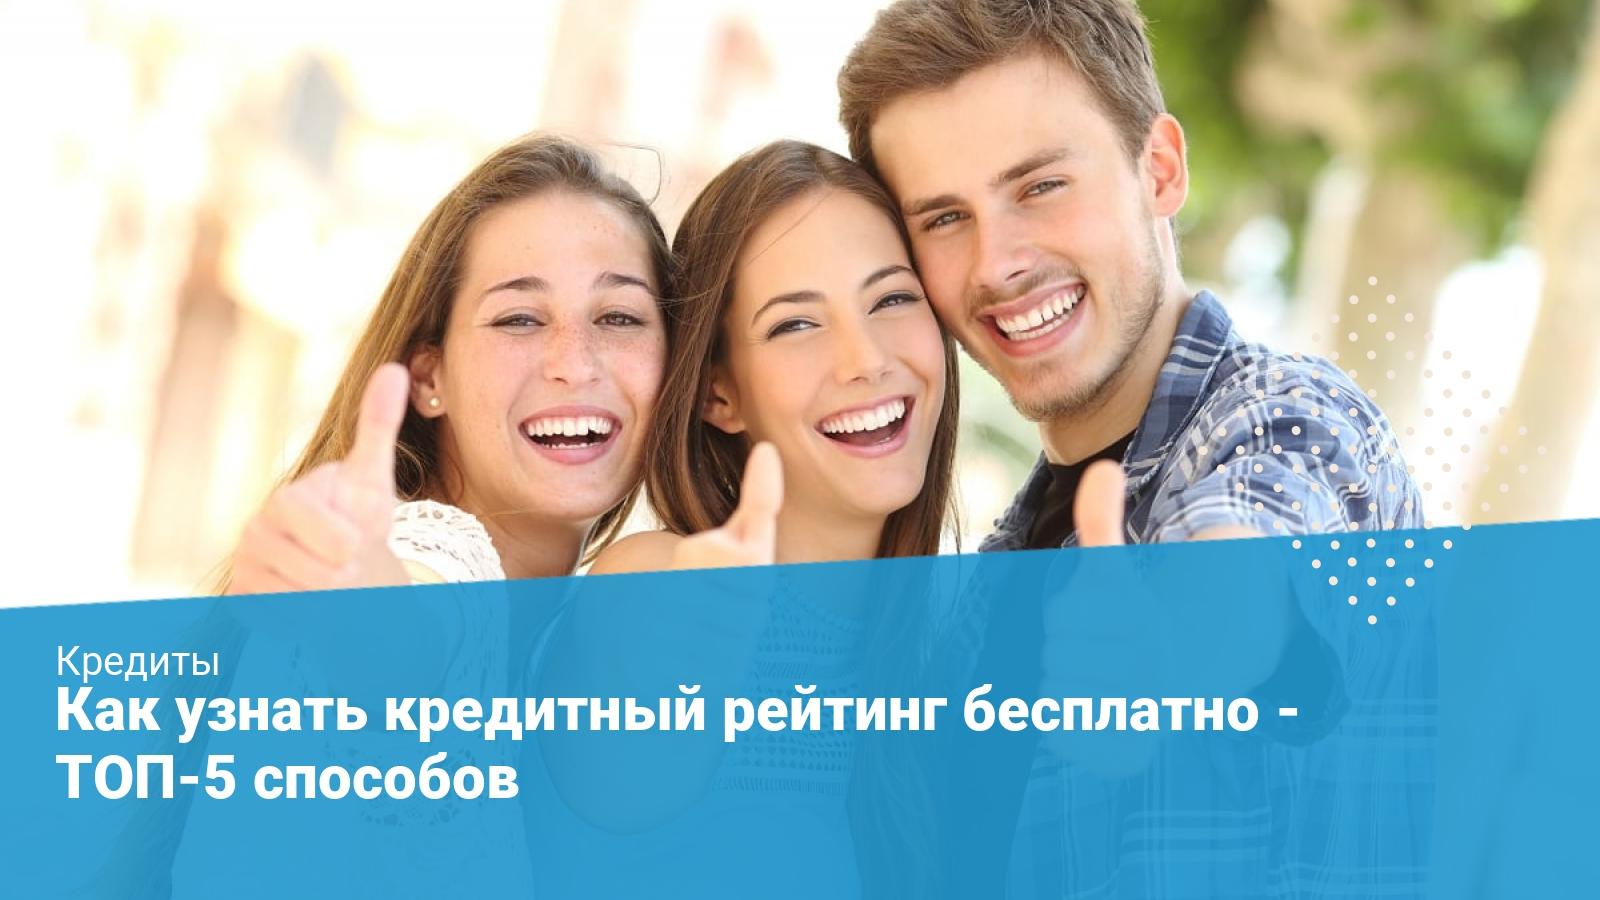 кредитный рейтинг бесплатно